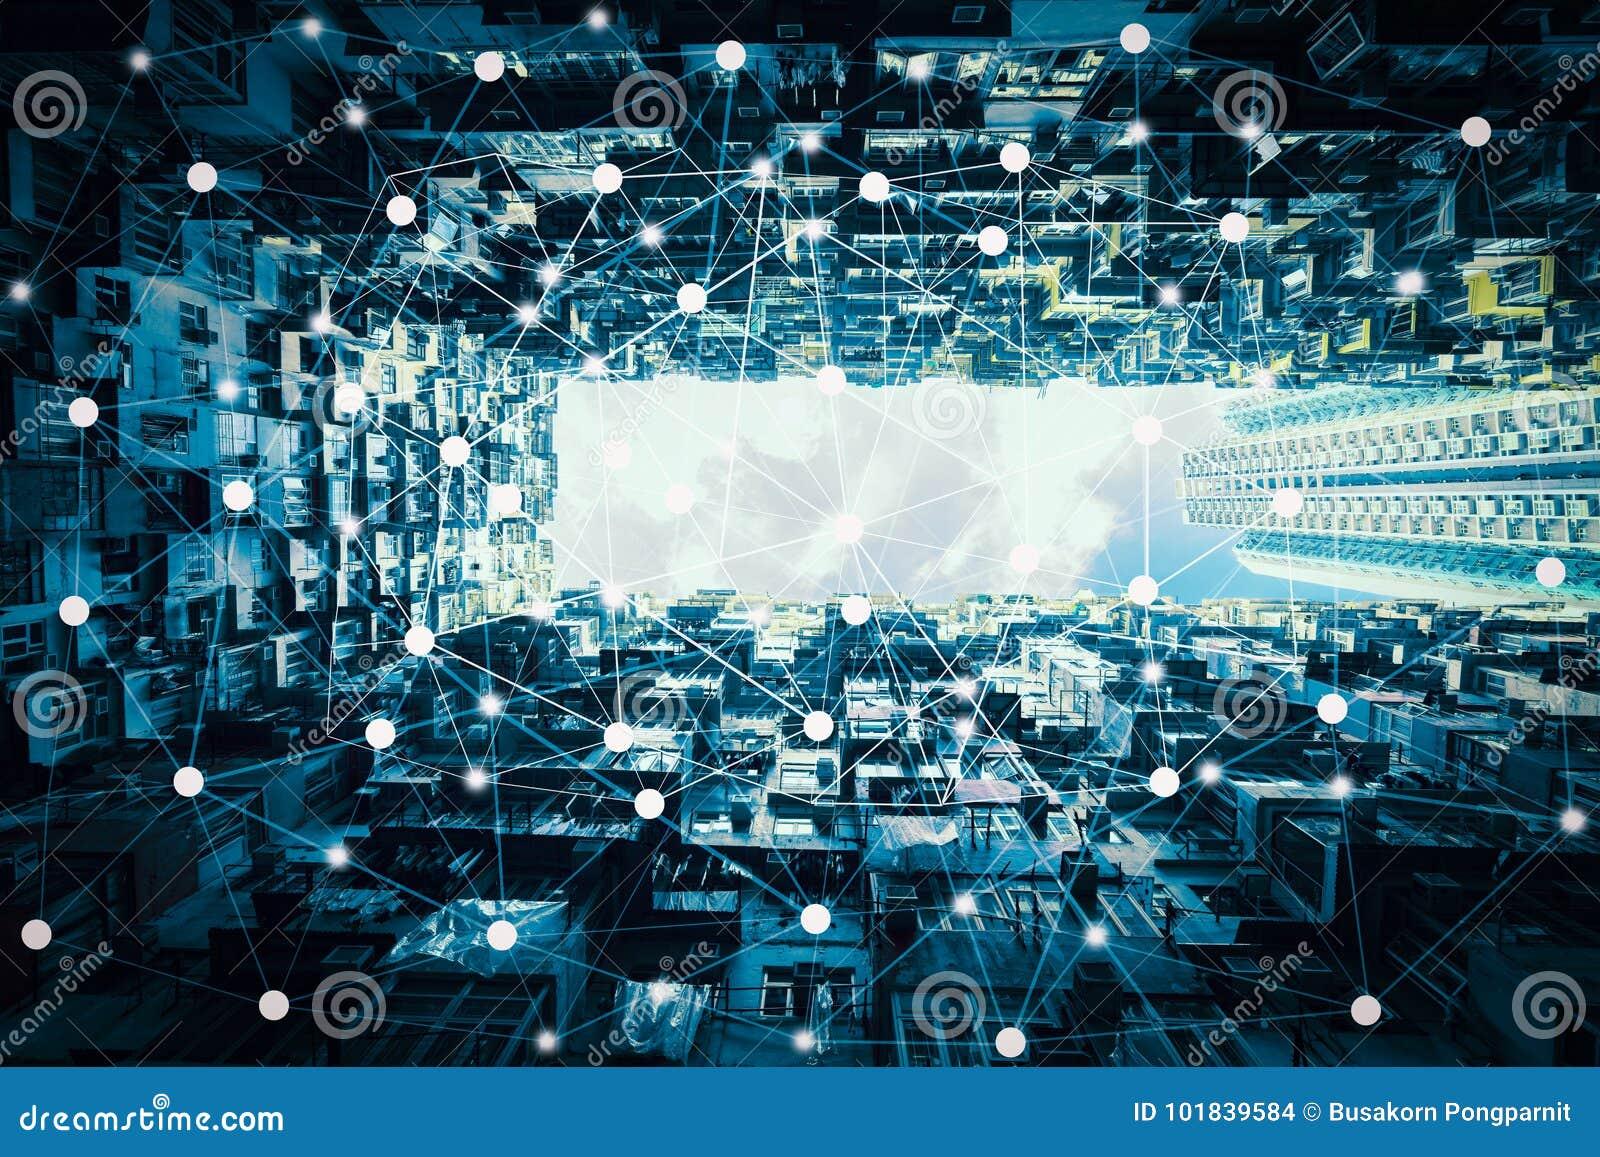 Slimme stad en draadloos communicatienetwerk, abstract visueel beeld